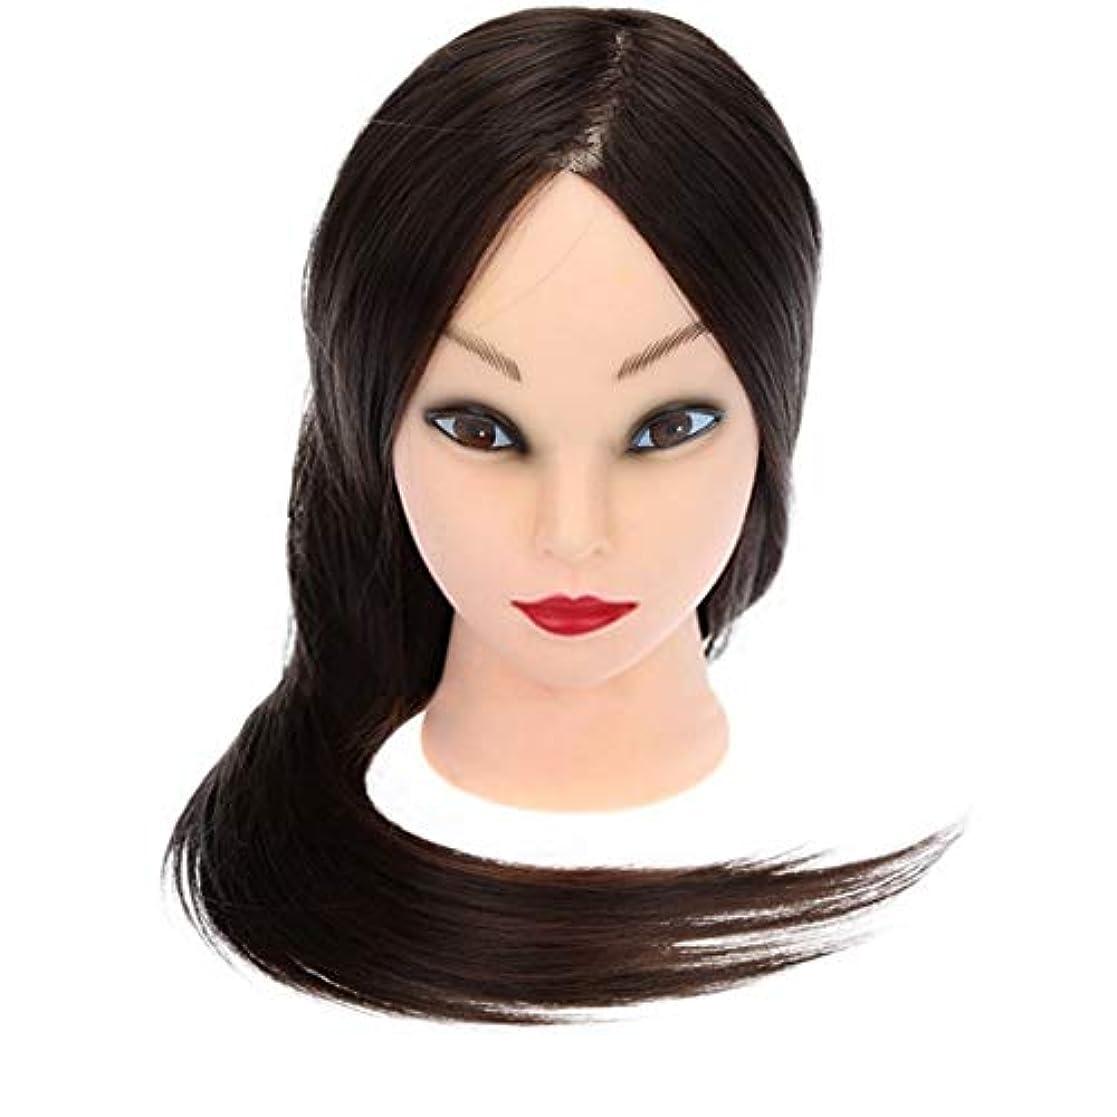 最後のバスルーム大通り練習ディスク髪編組ヘアモデル理髪店スクールティーチングヘッドロングかつら美容マネキンヘッド